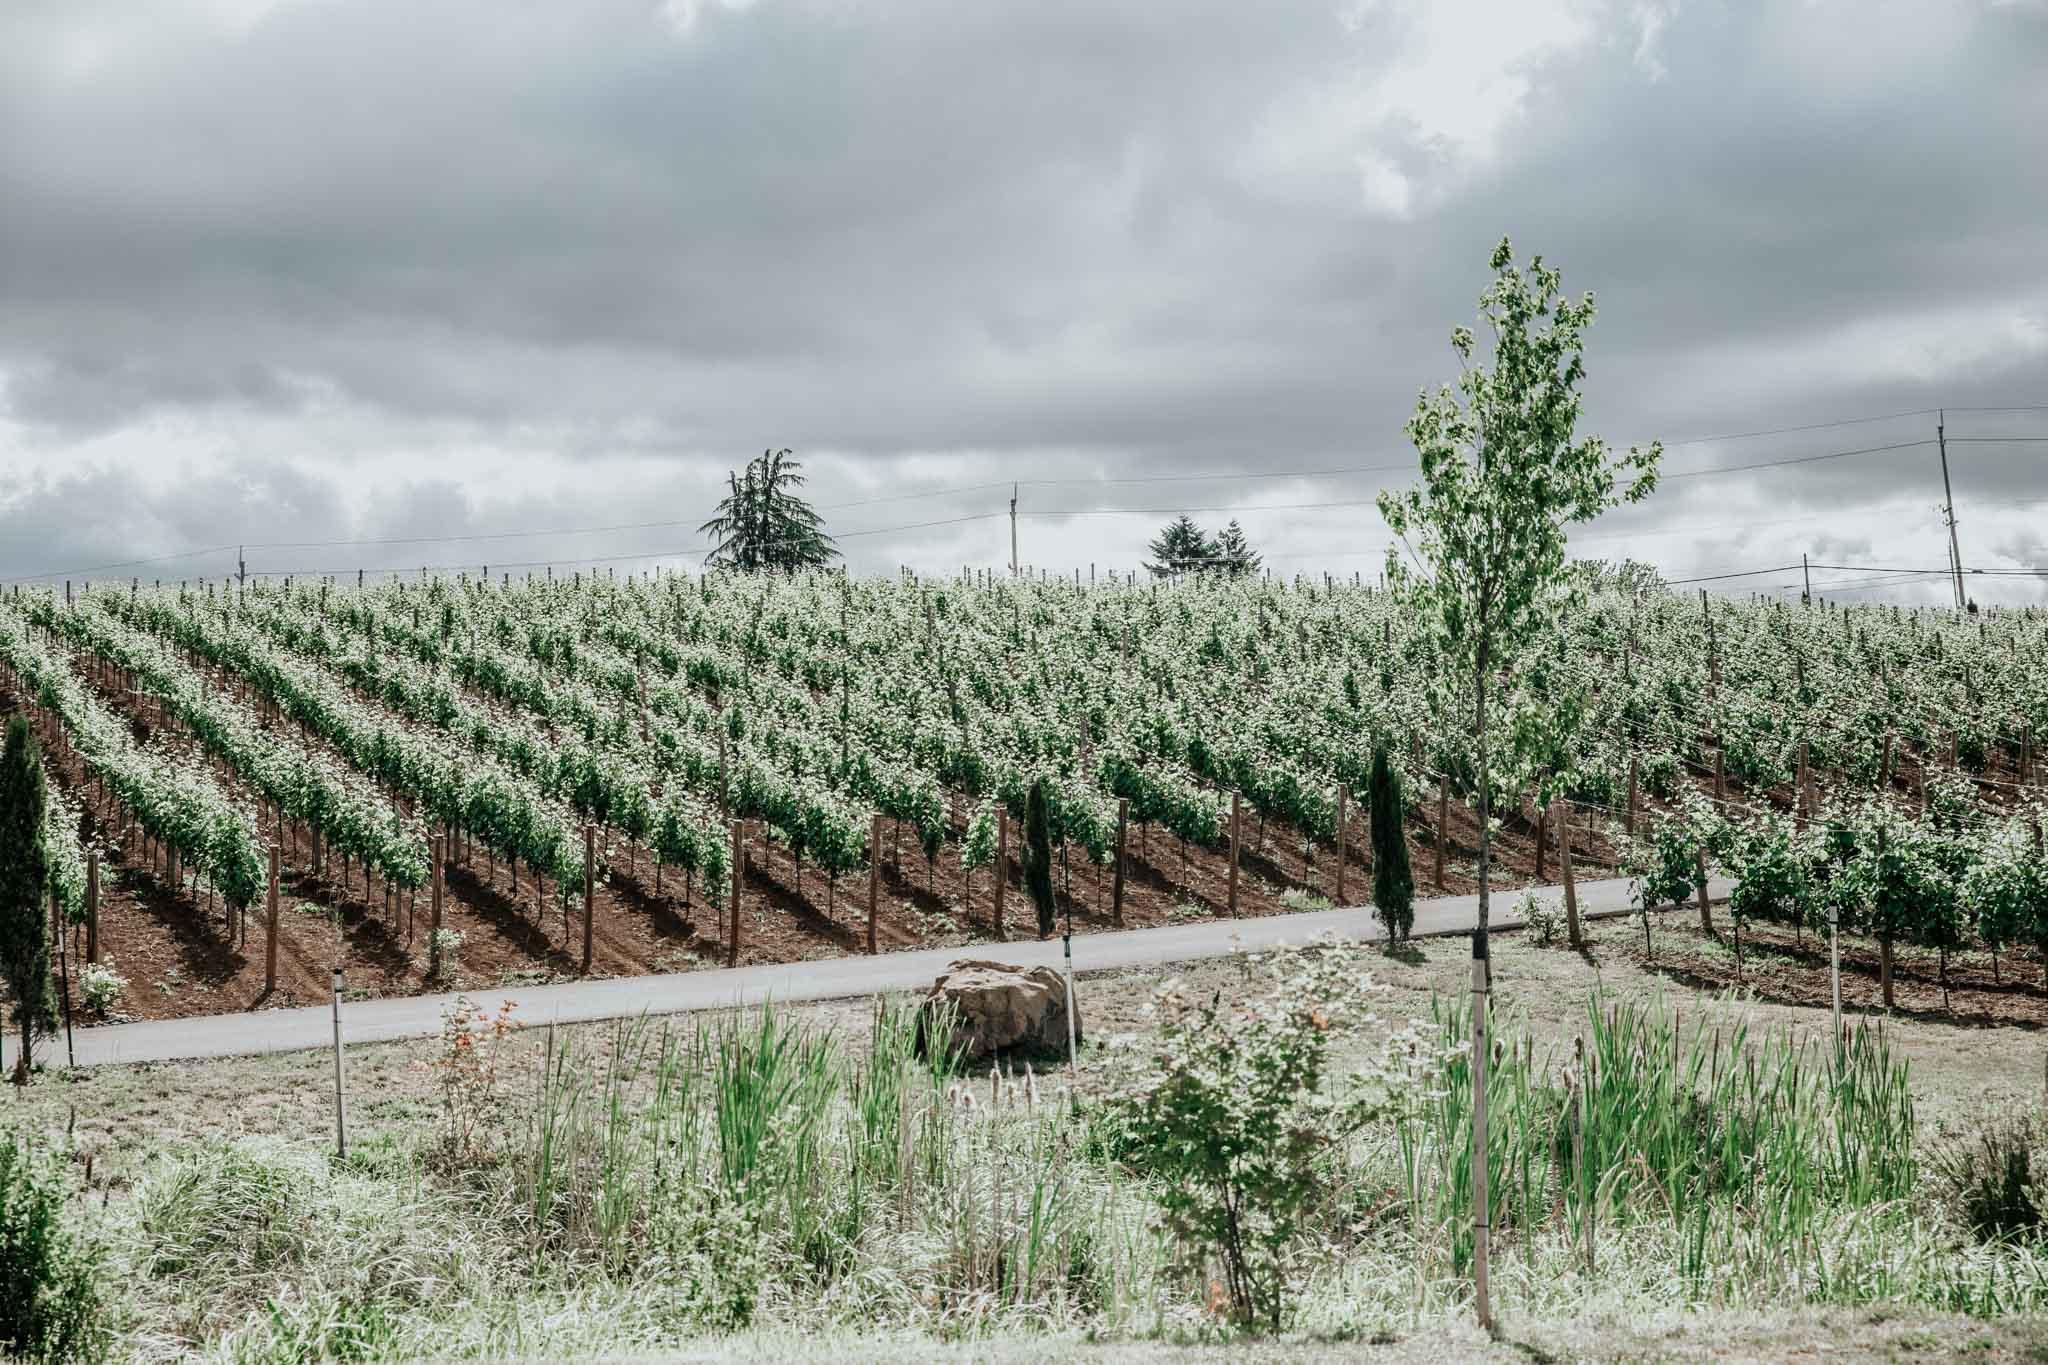 Wines at Tumwater Vineyard.